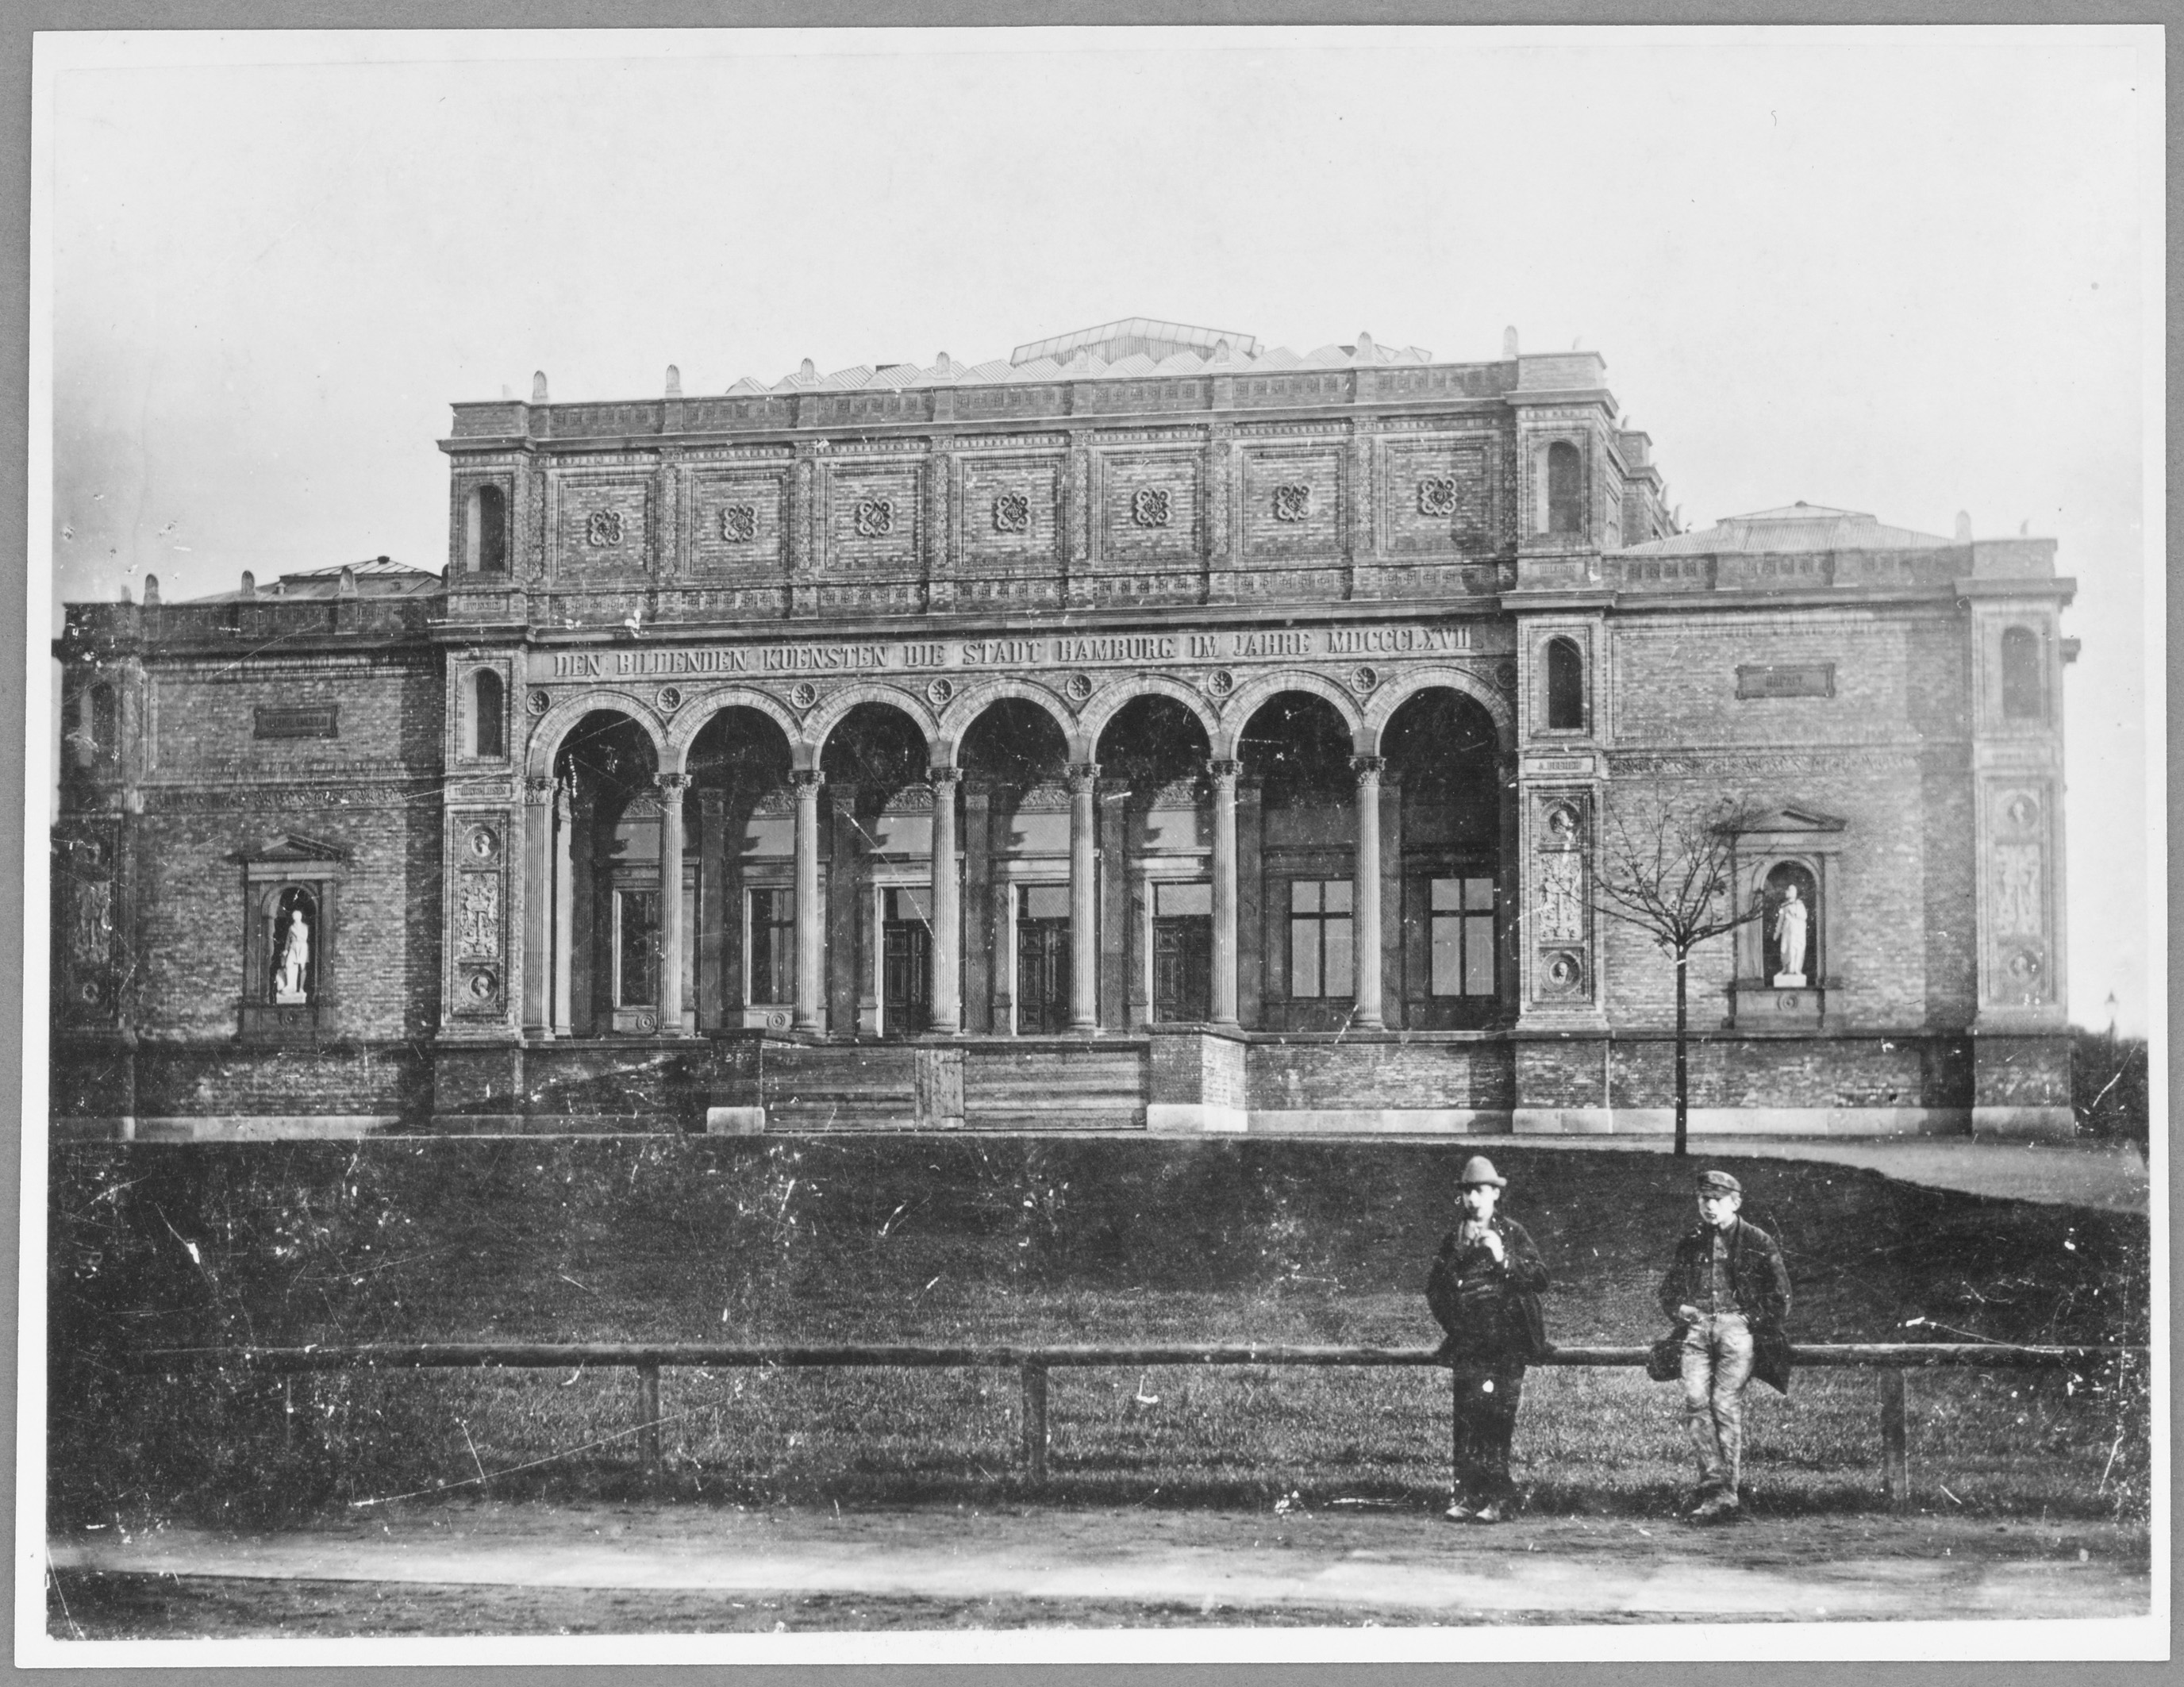 Gründungsbau der Hamburger Kunsthalle, vor 1889 © Hamburger Kunsthalle Foto: Hermann Priester